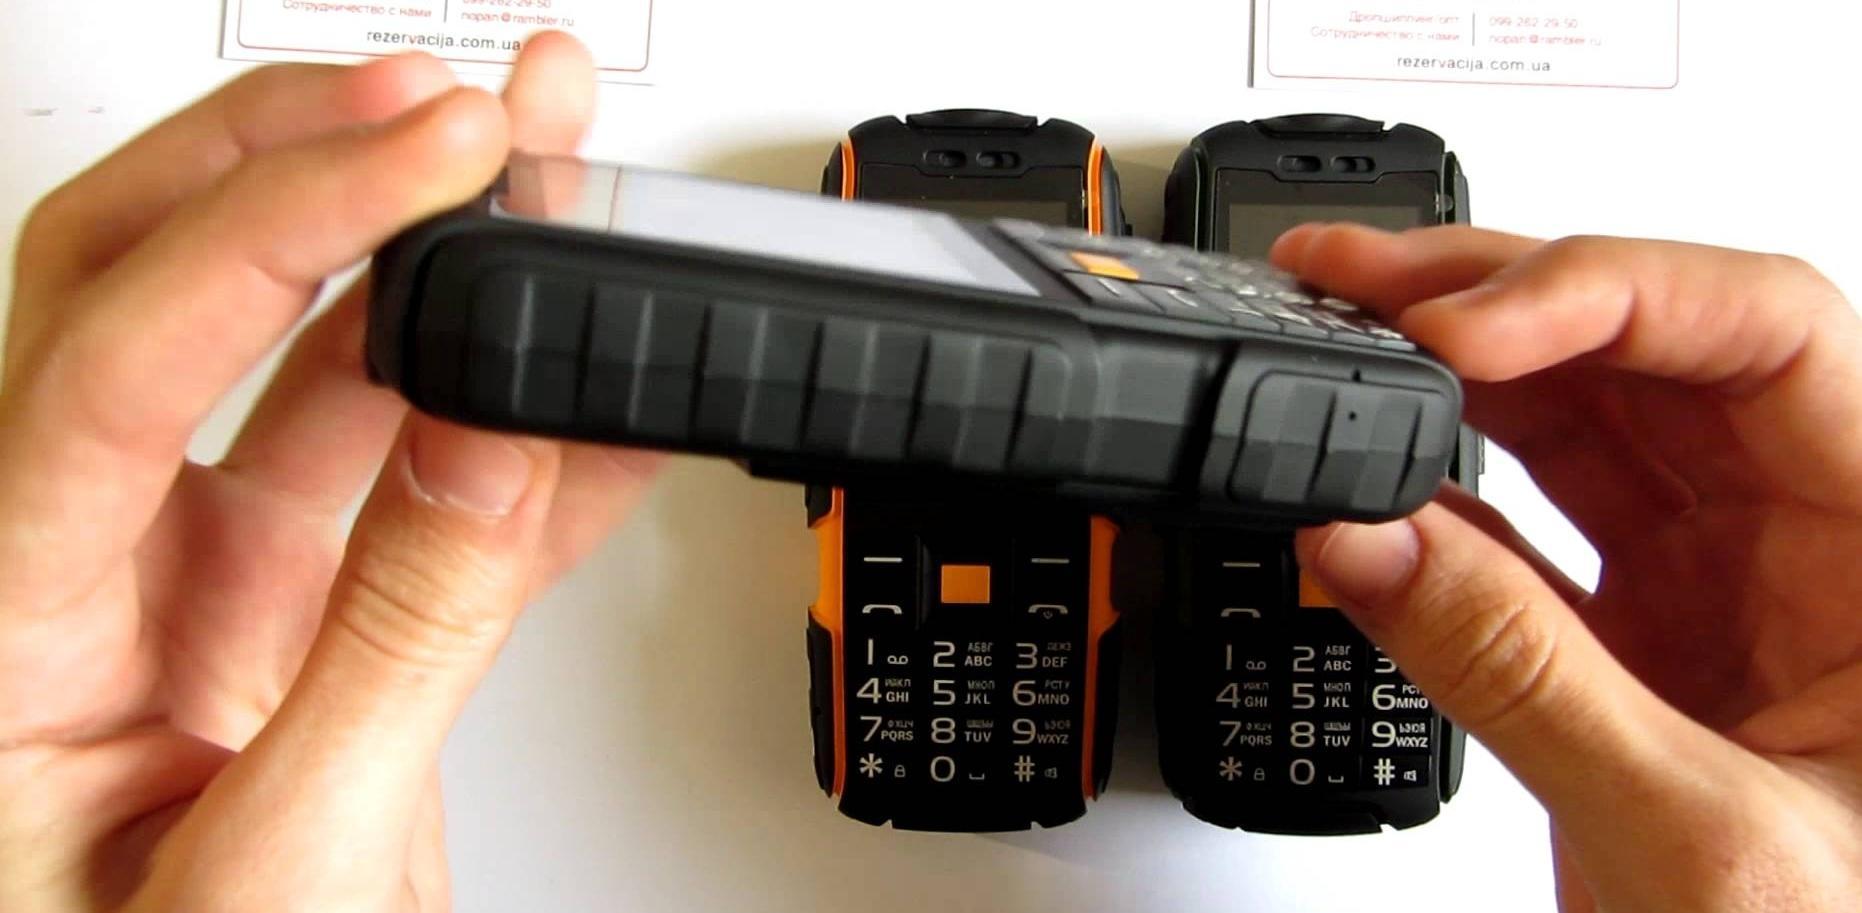 ТОП-5 бюджетных наиболее защищённых кнопочных телефонов